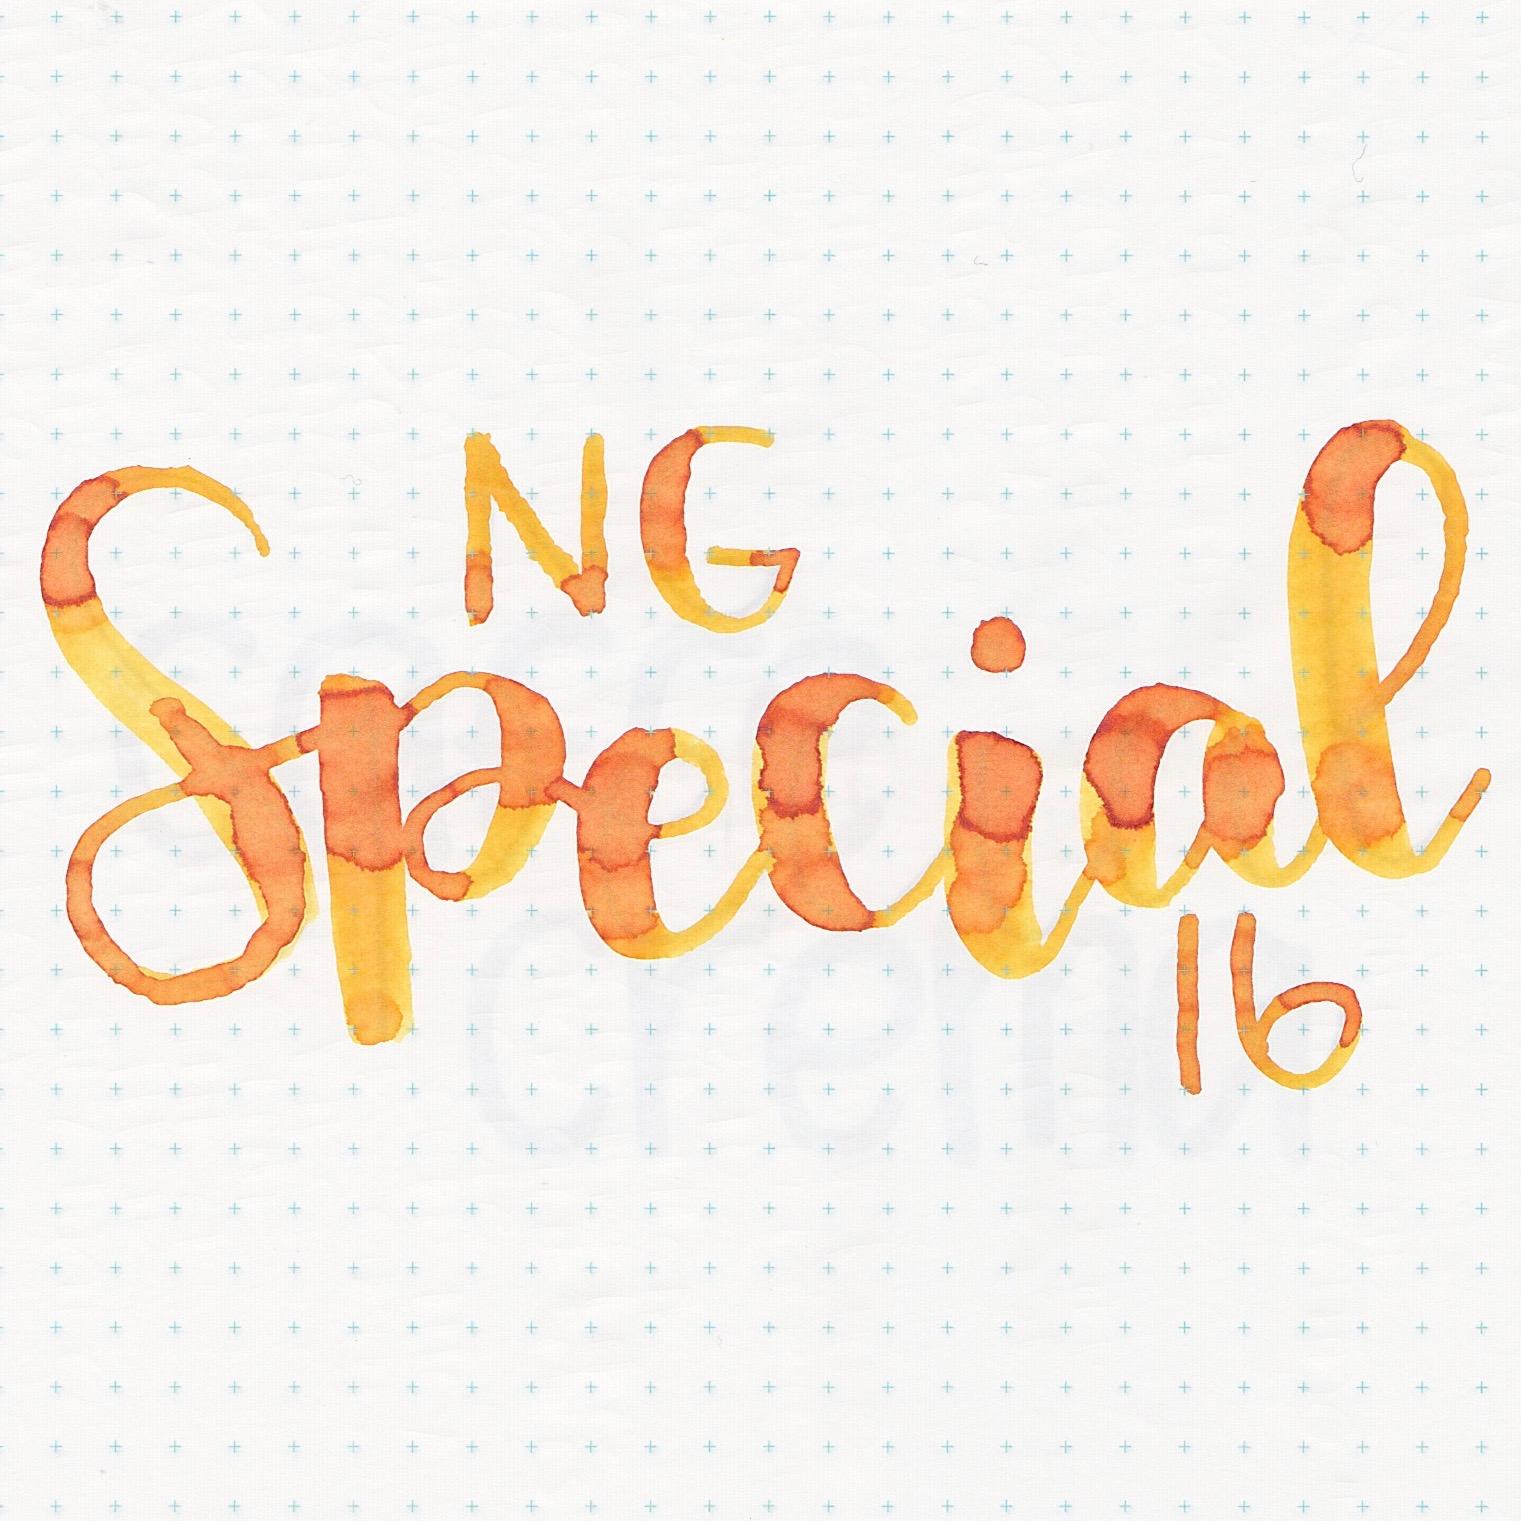 RONgSpecial16 - 6.jpg